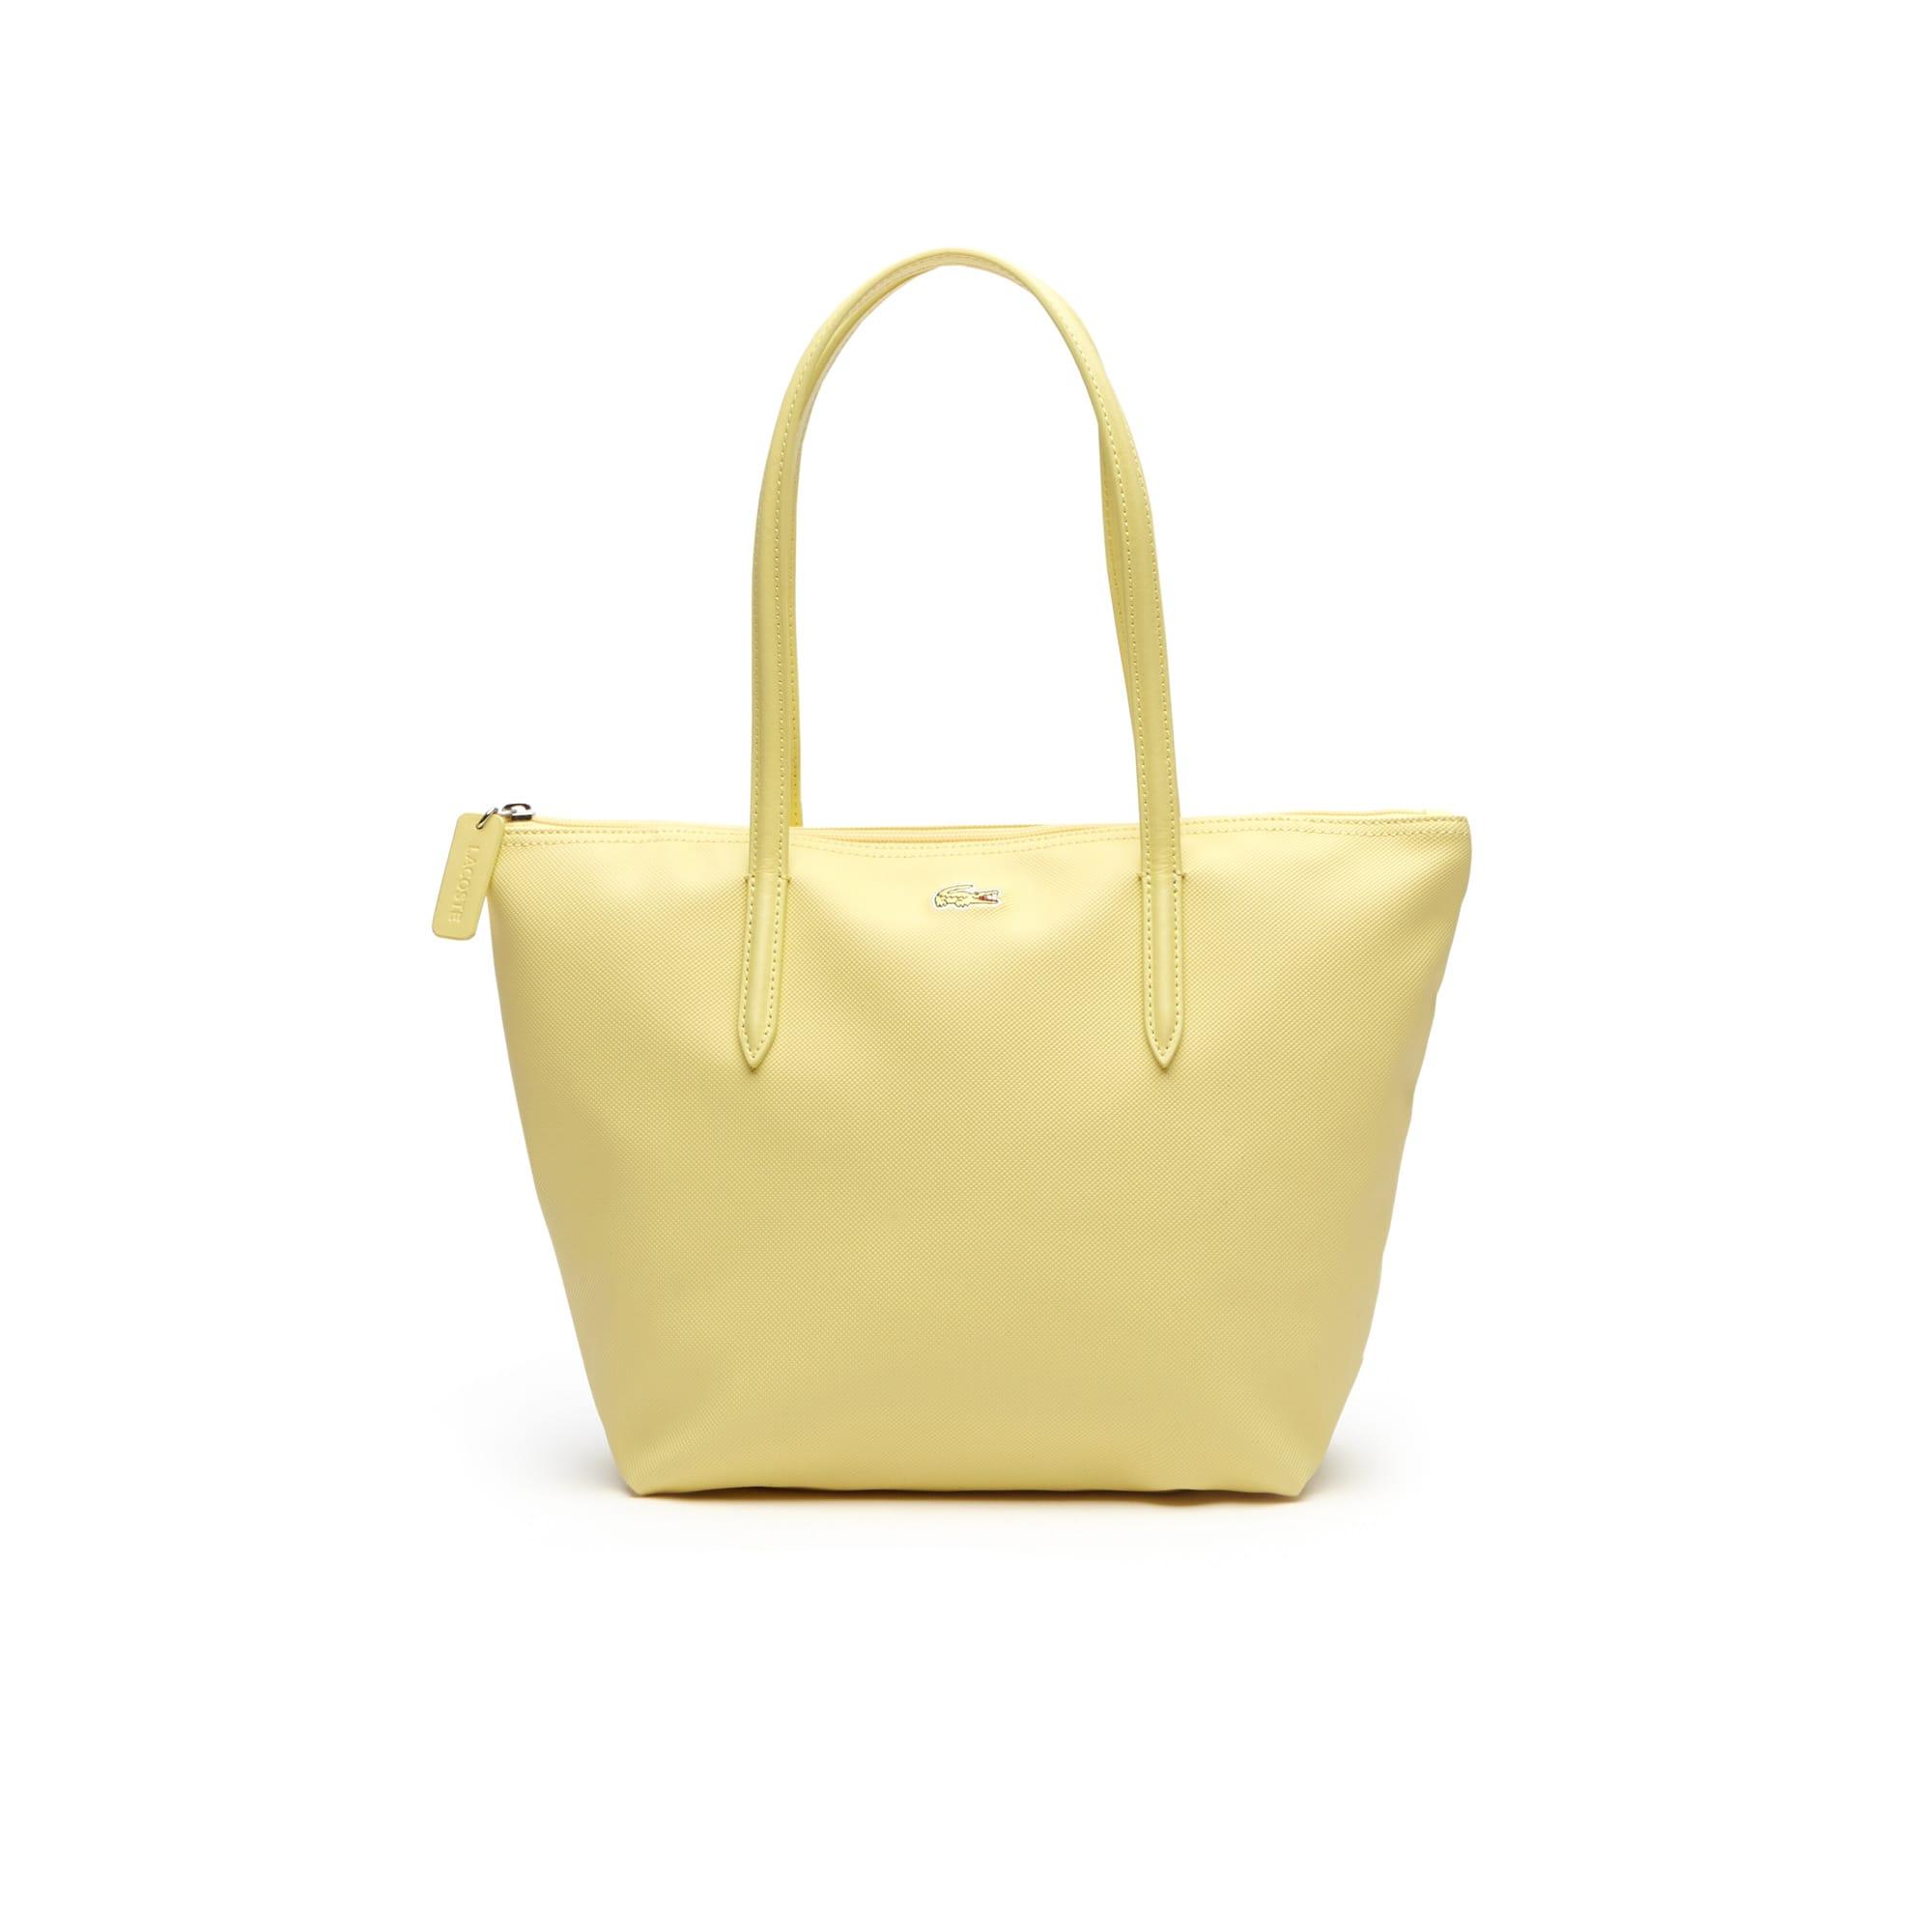 Shopping bag piccola con zip L.12.12 Concept tinta unita